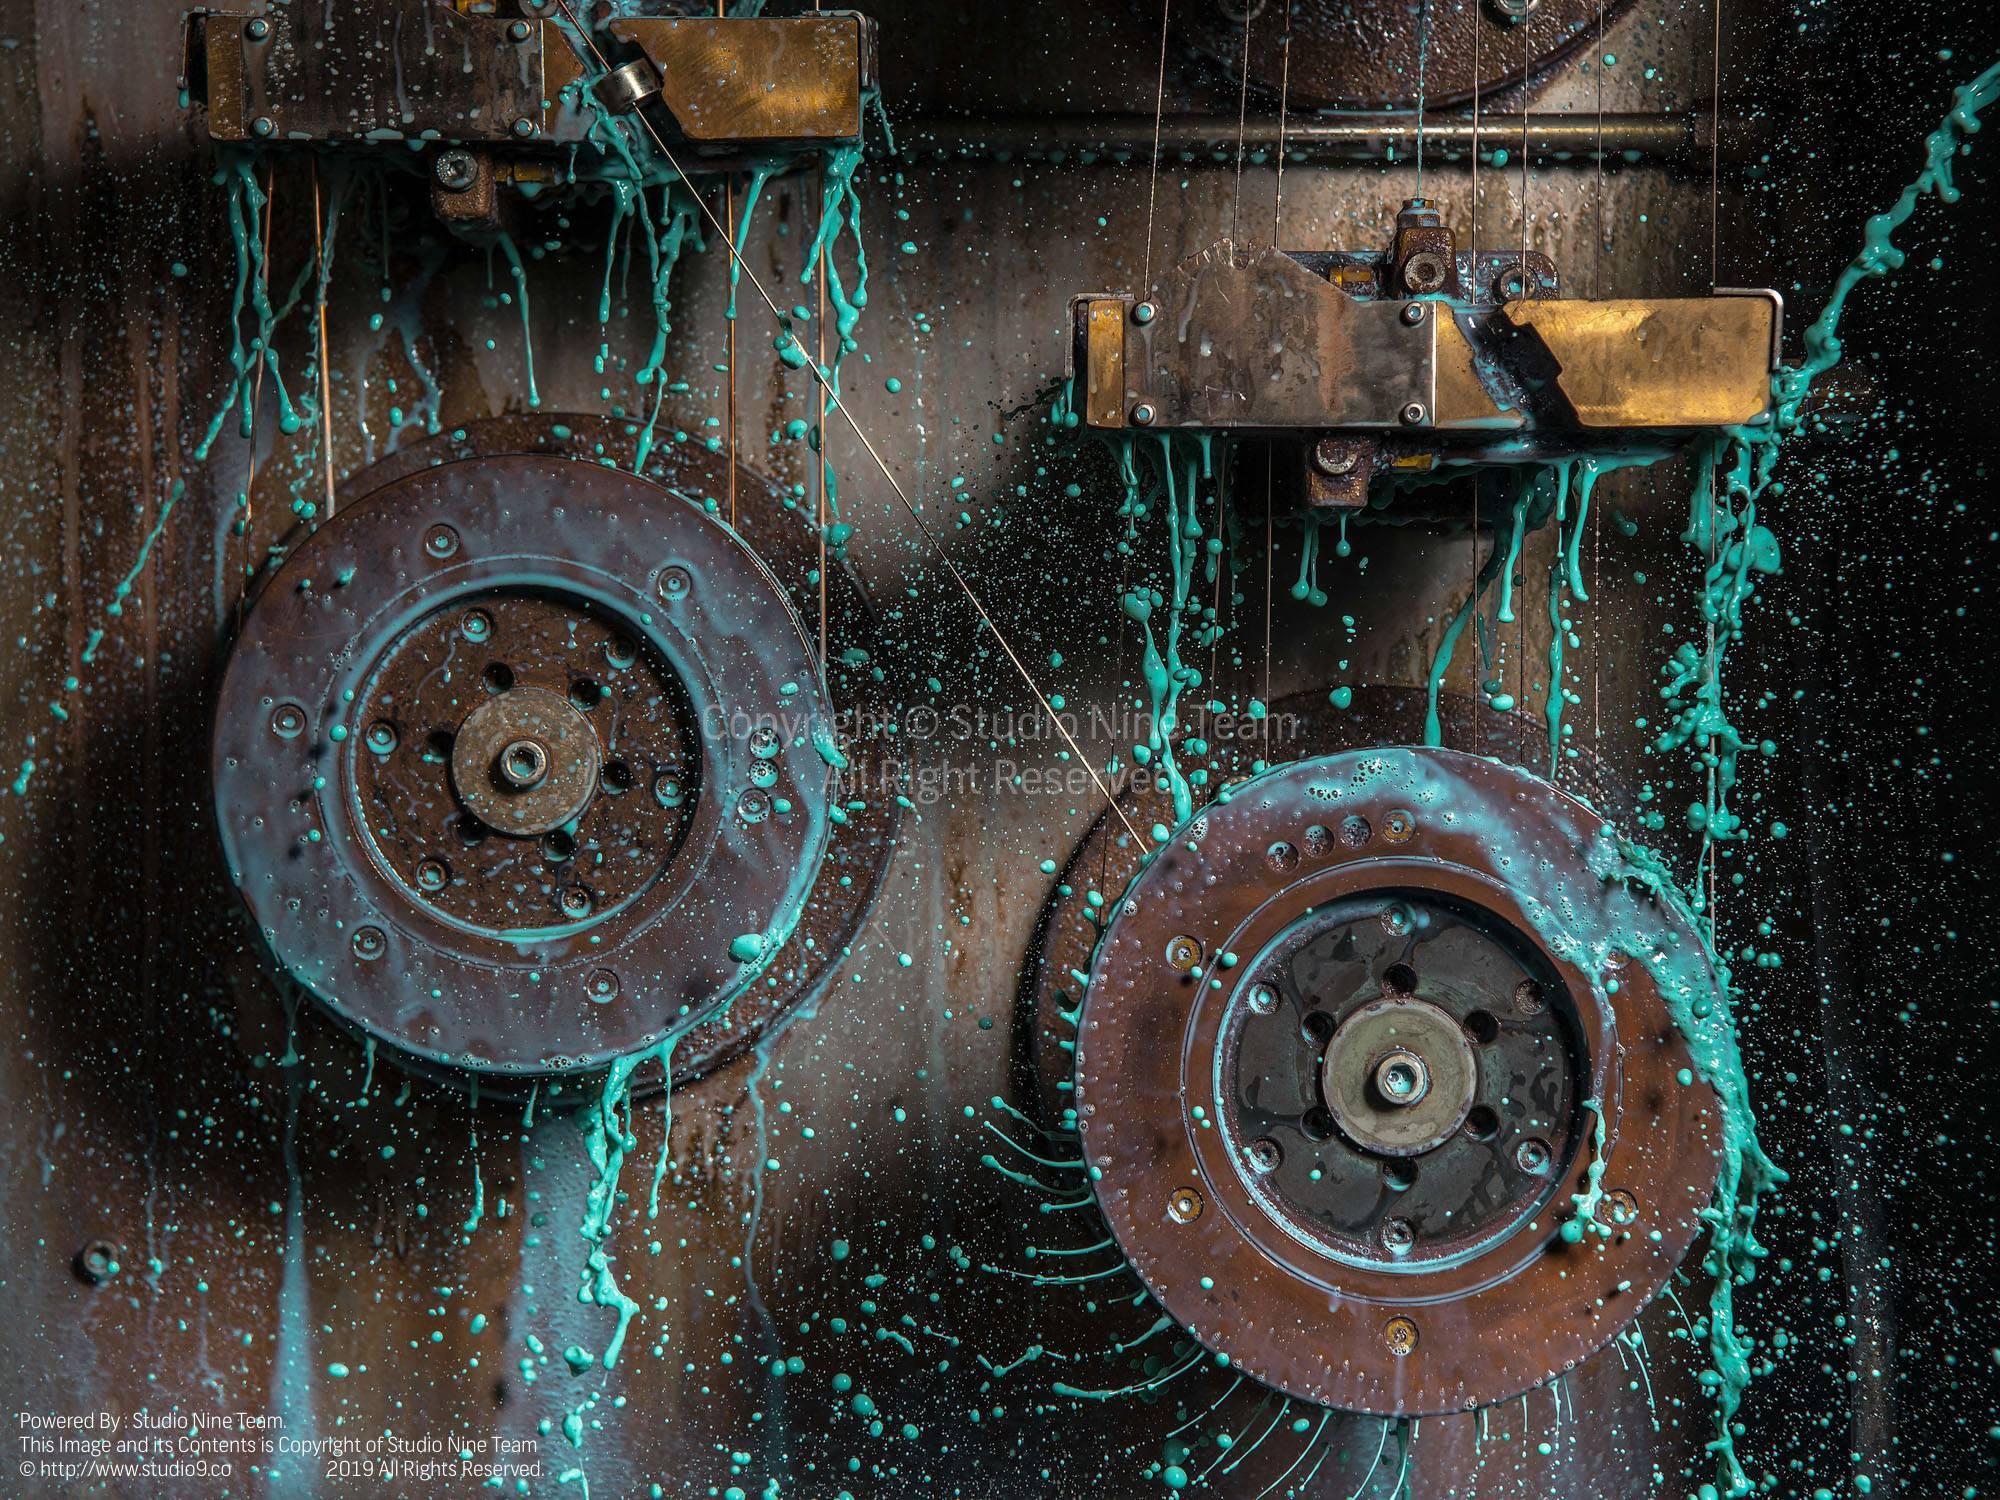 گالری عکاسی صنعتی